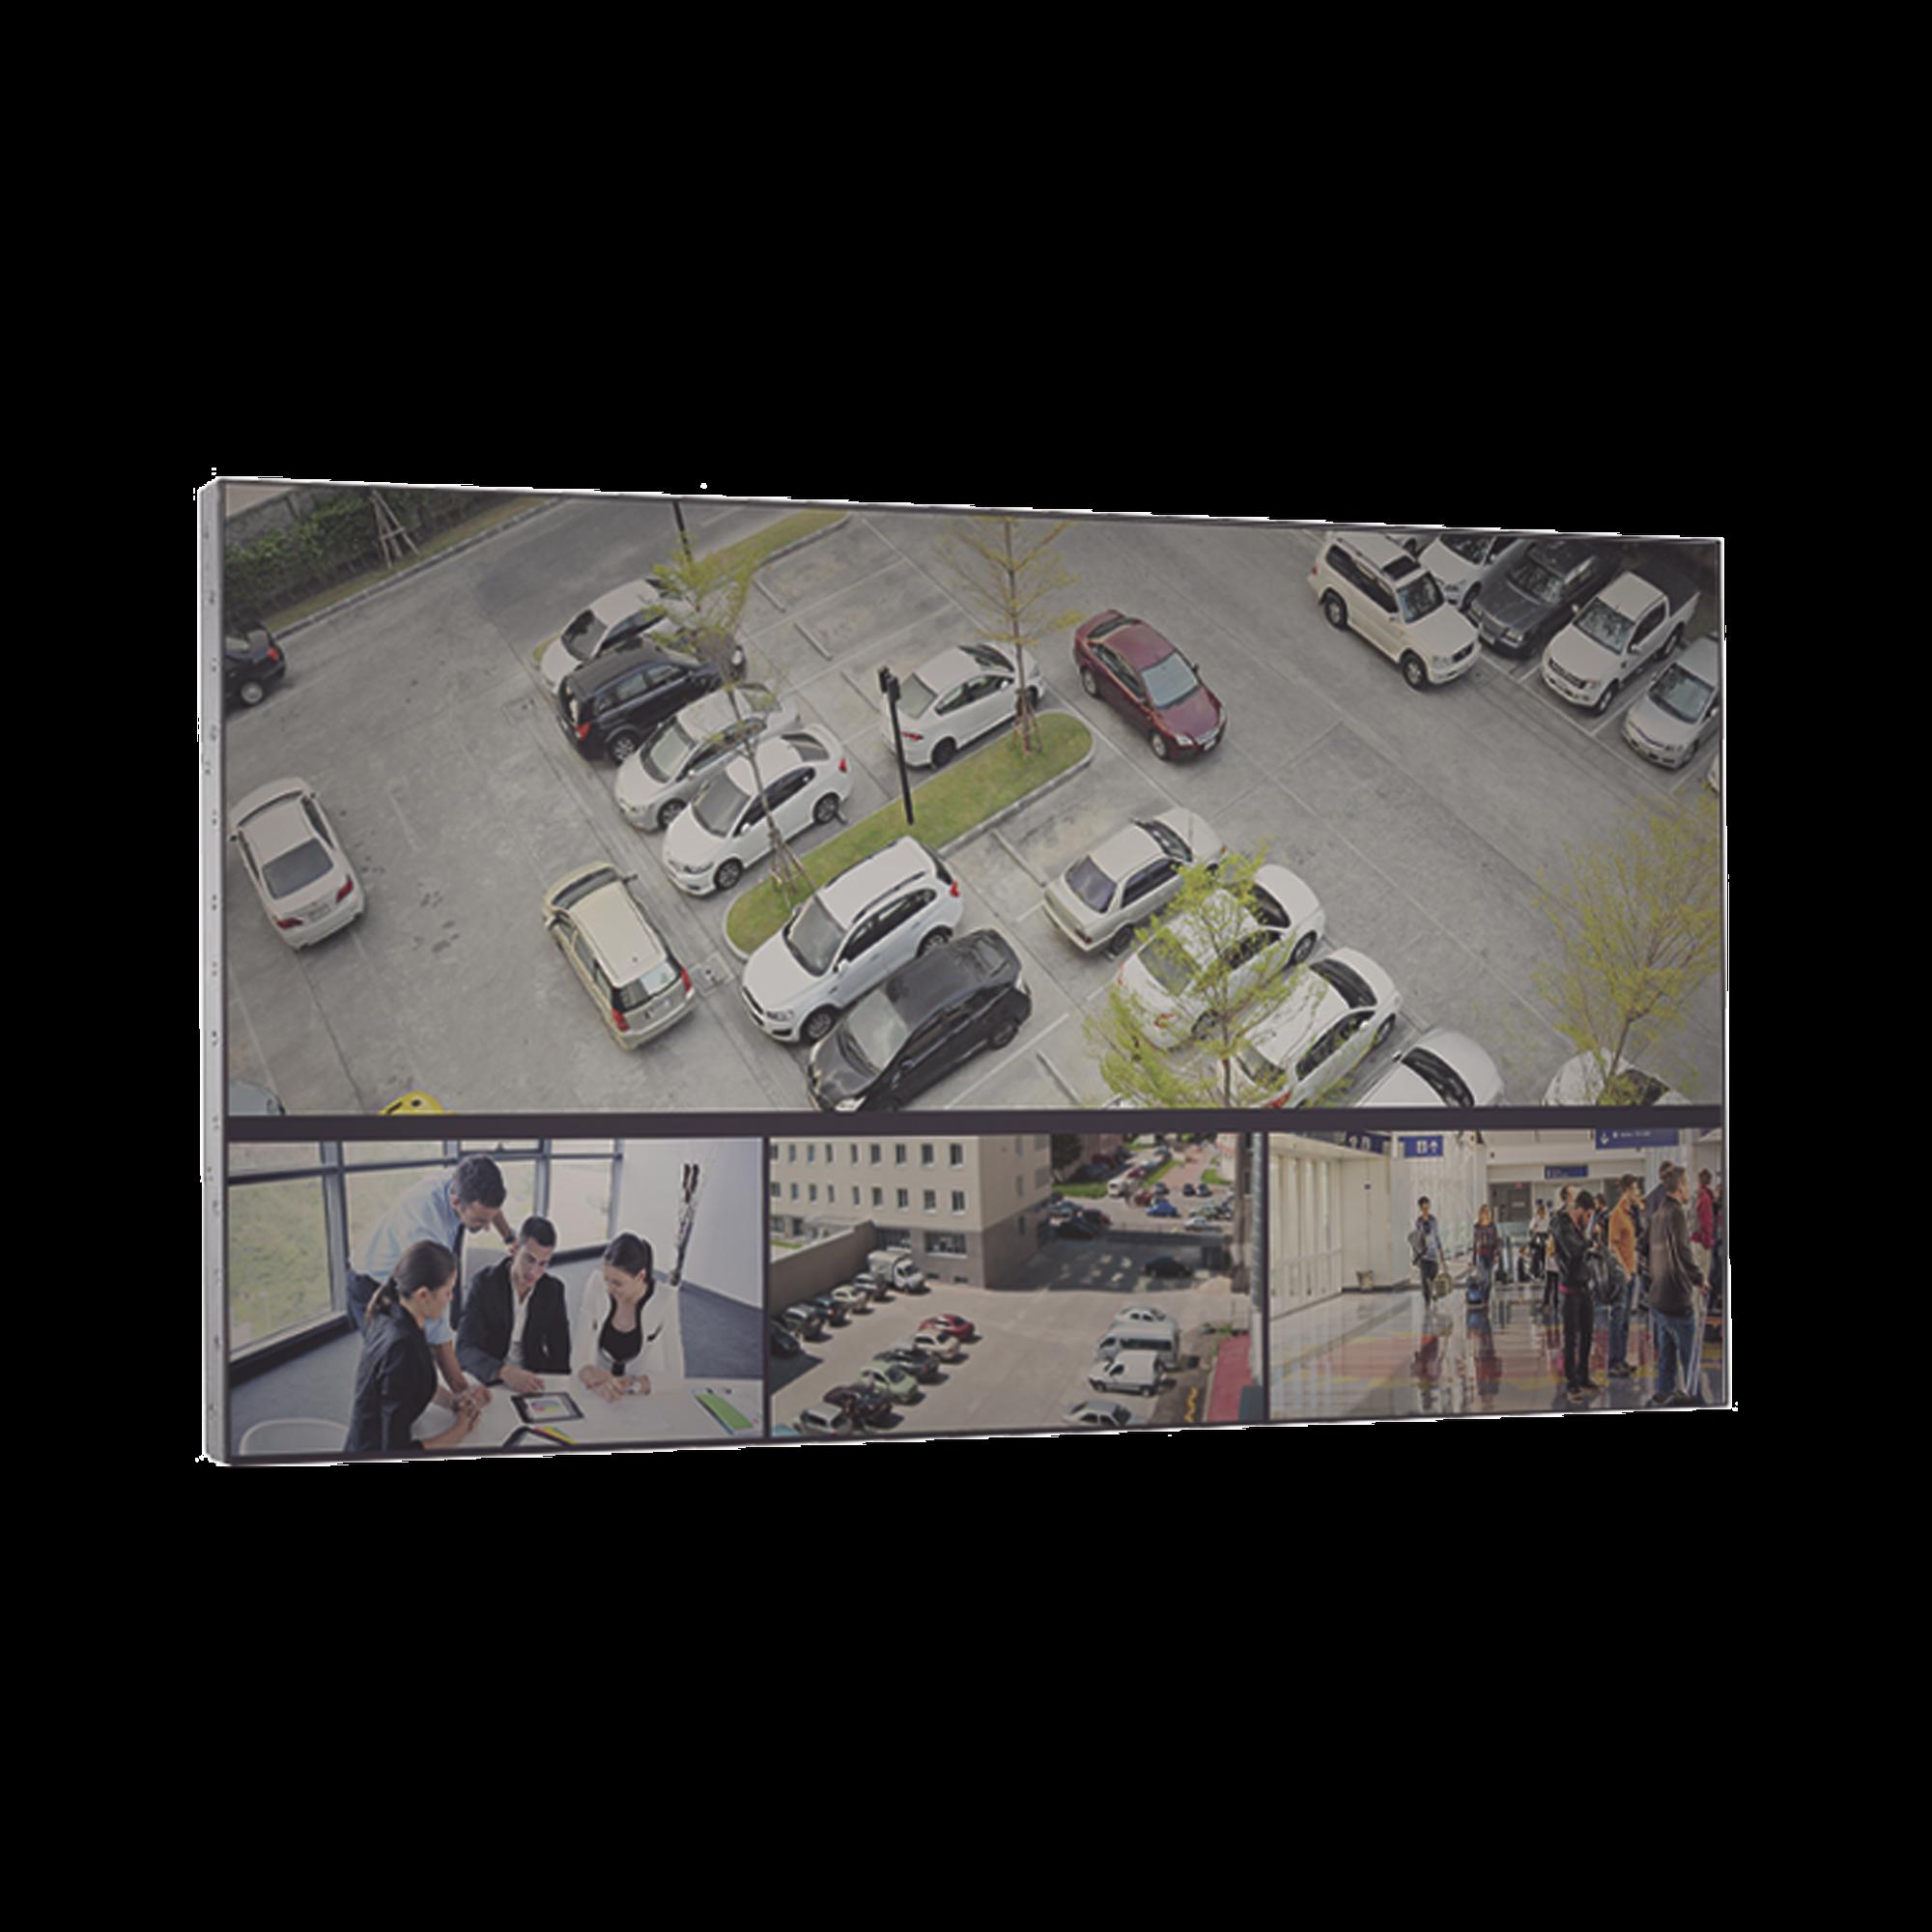 Pantalla LCD 55 para TV WALL / Entrada HDMI - VGA - DVI - BNC / Monitor Robusto